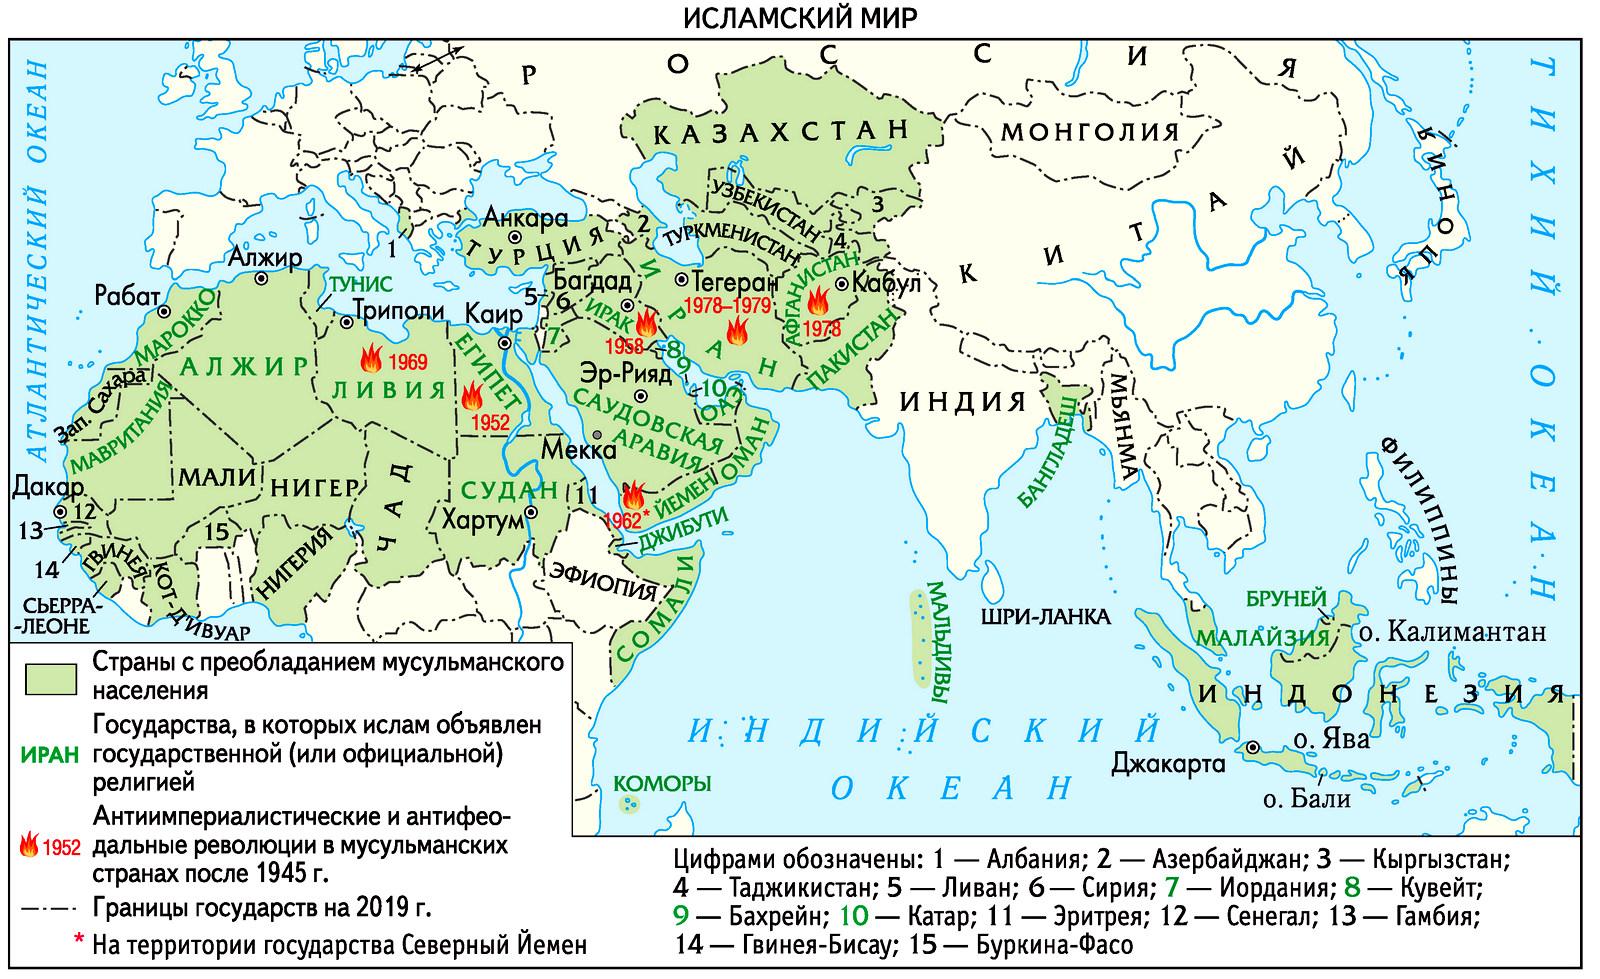 Мусульманский мир во второй половине XX века